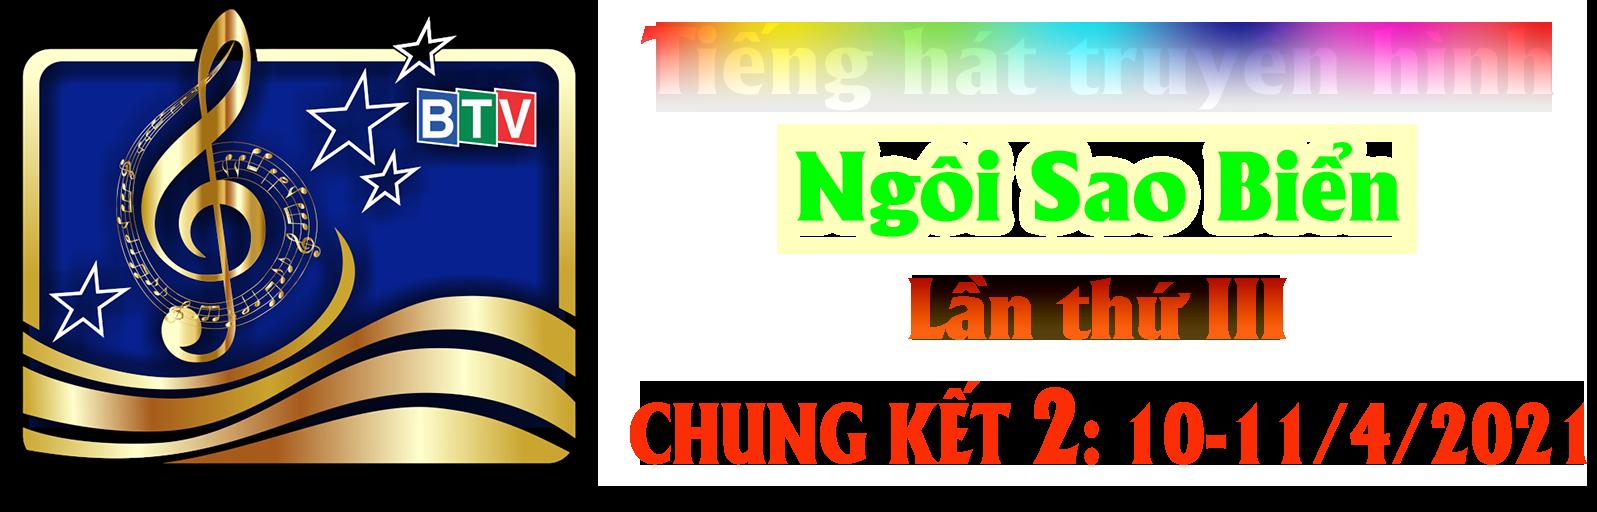 Đài Phát thanh và Truyền hình Bình Thuận